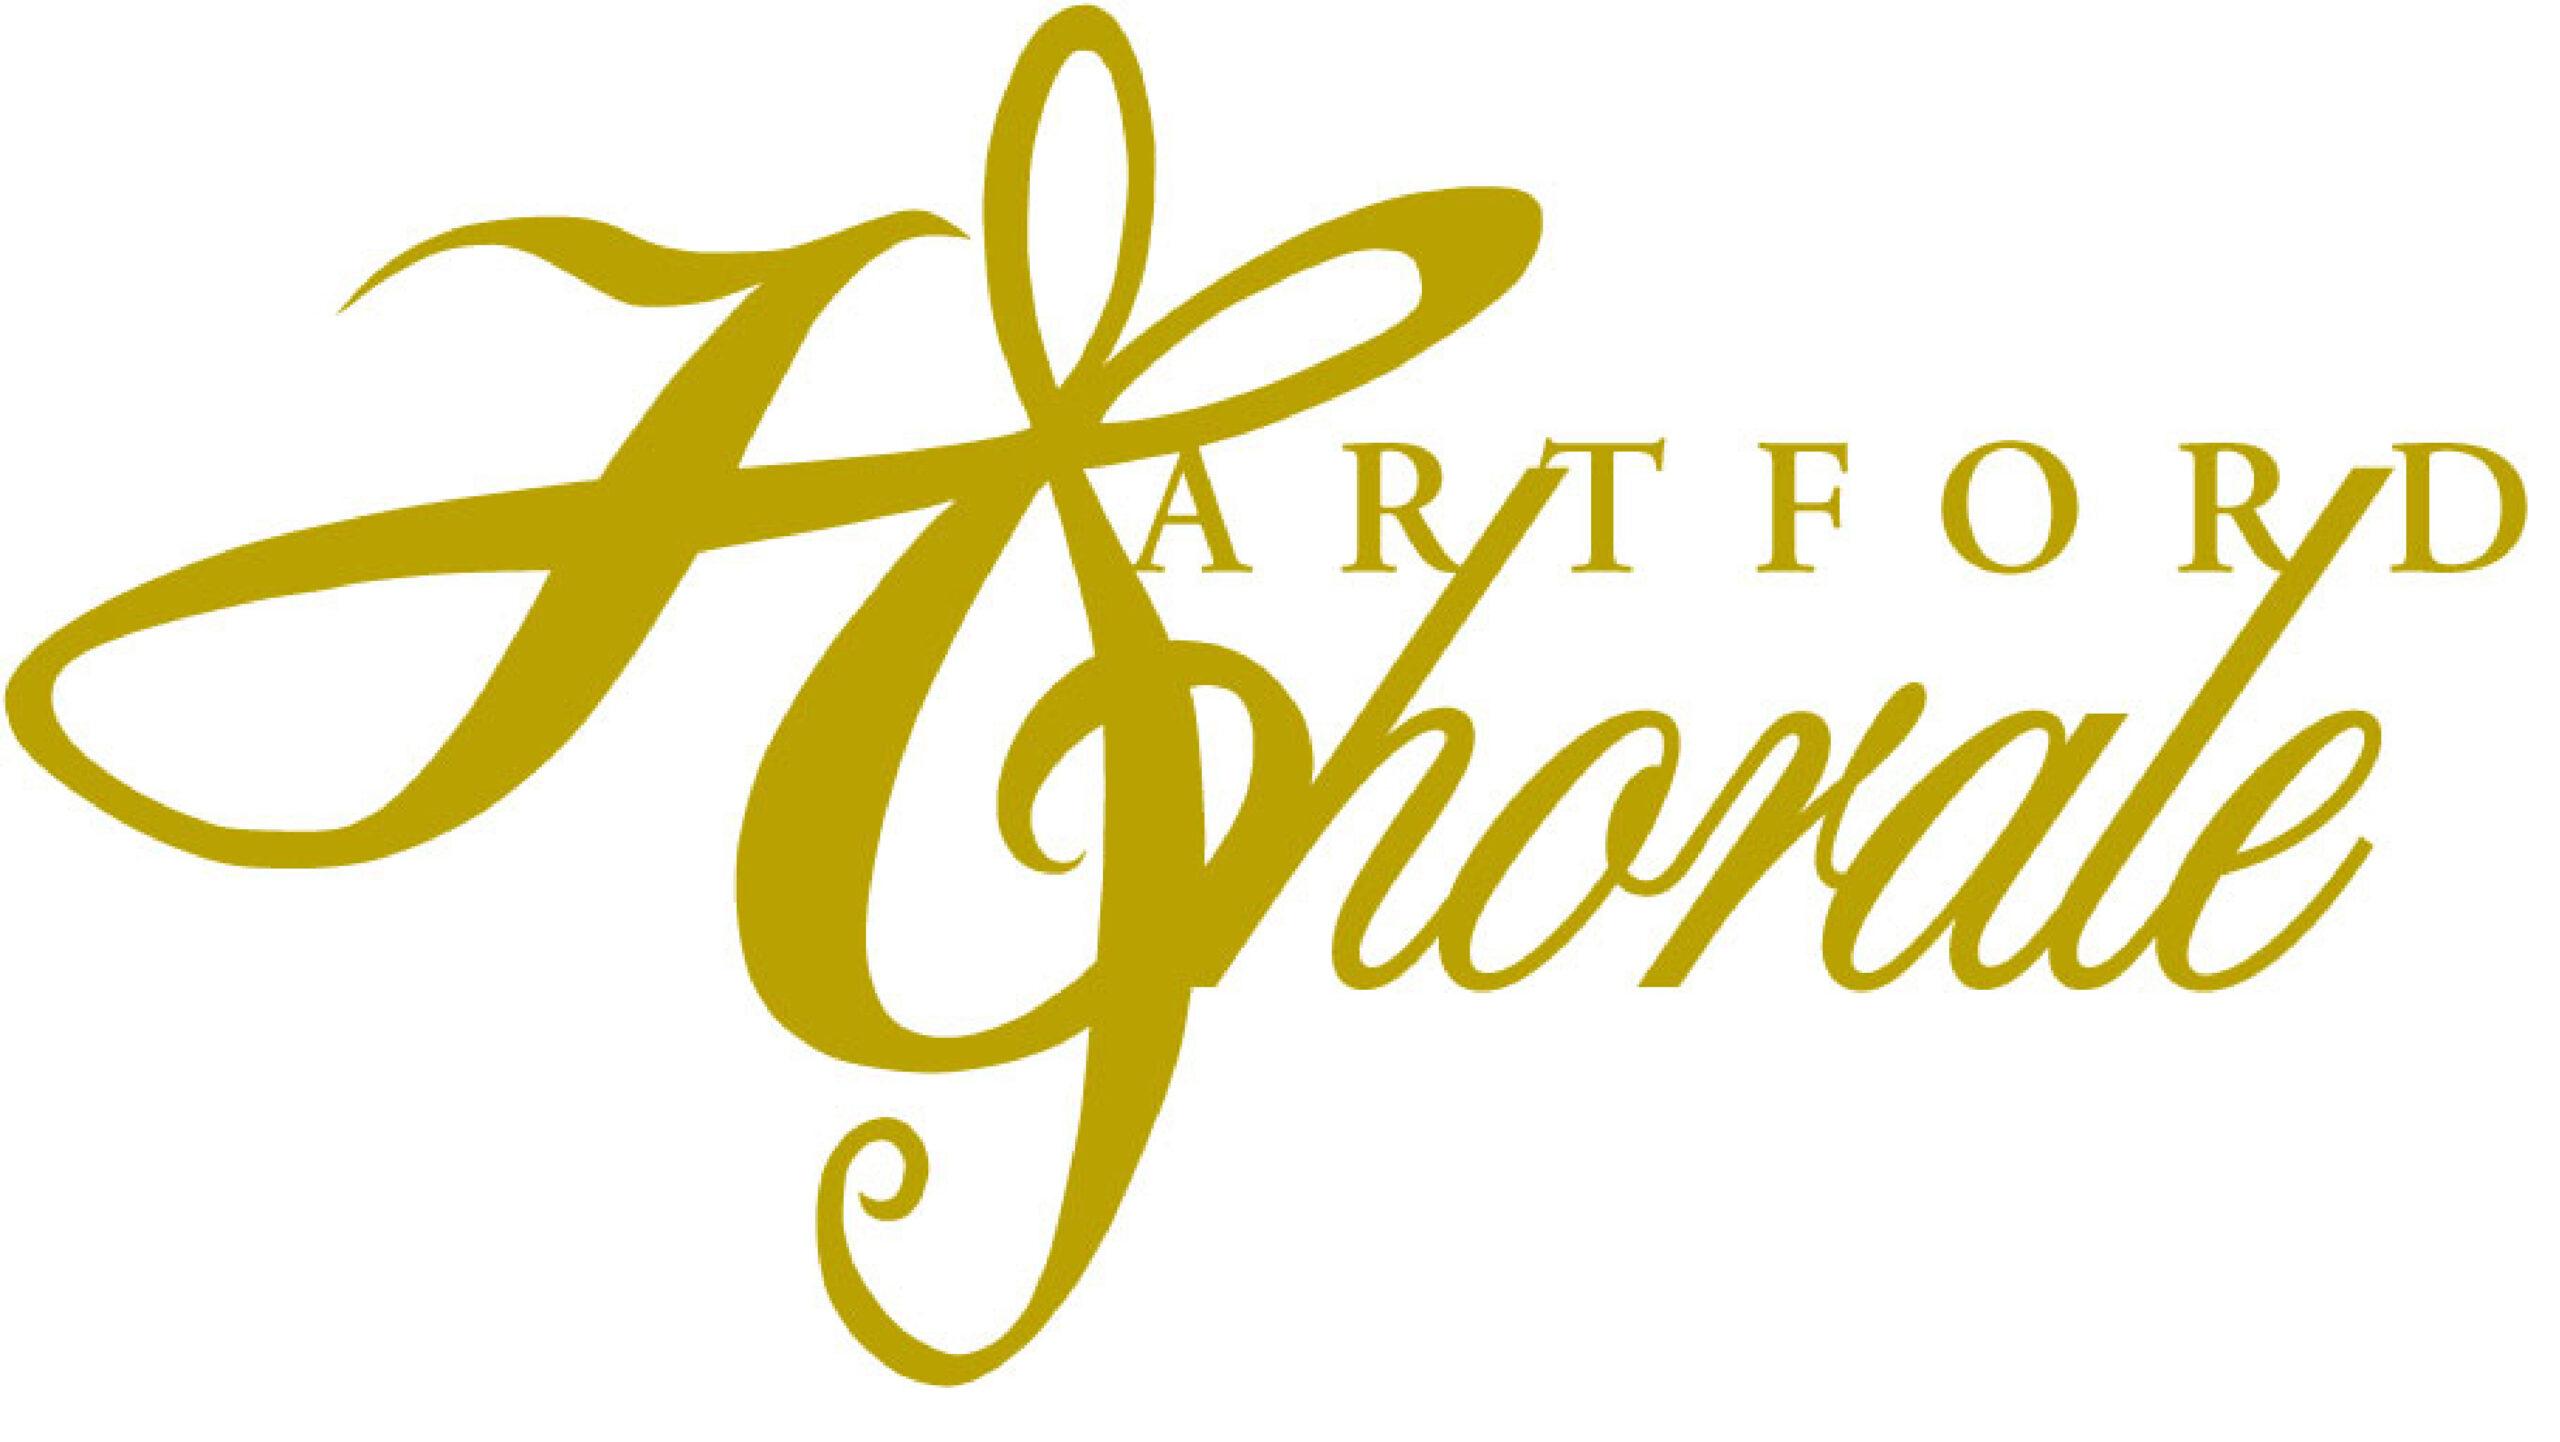 Hartford Chorale Logo